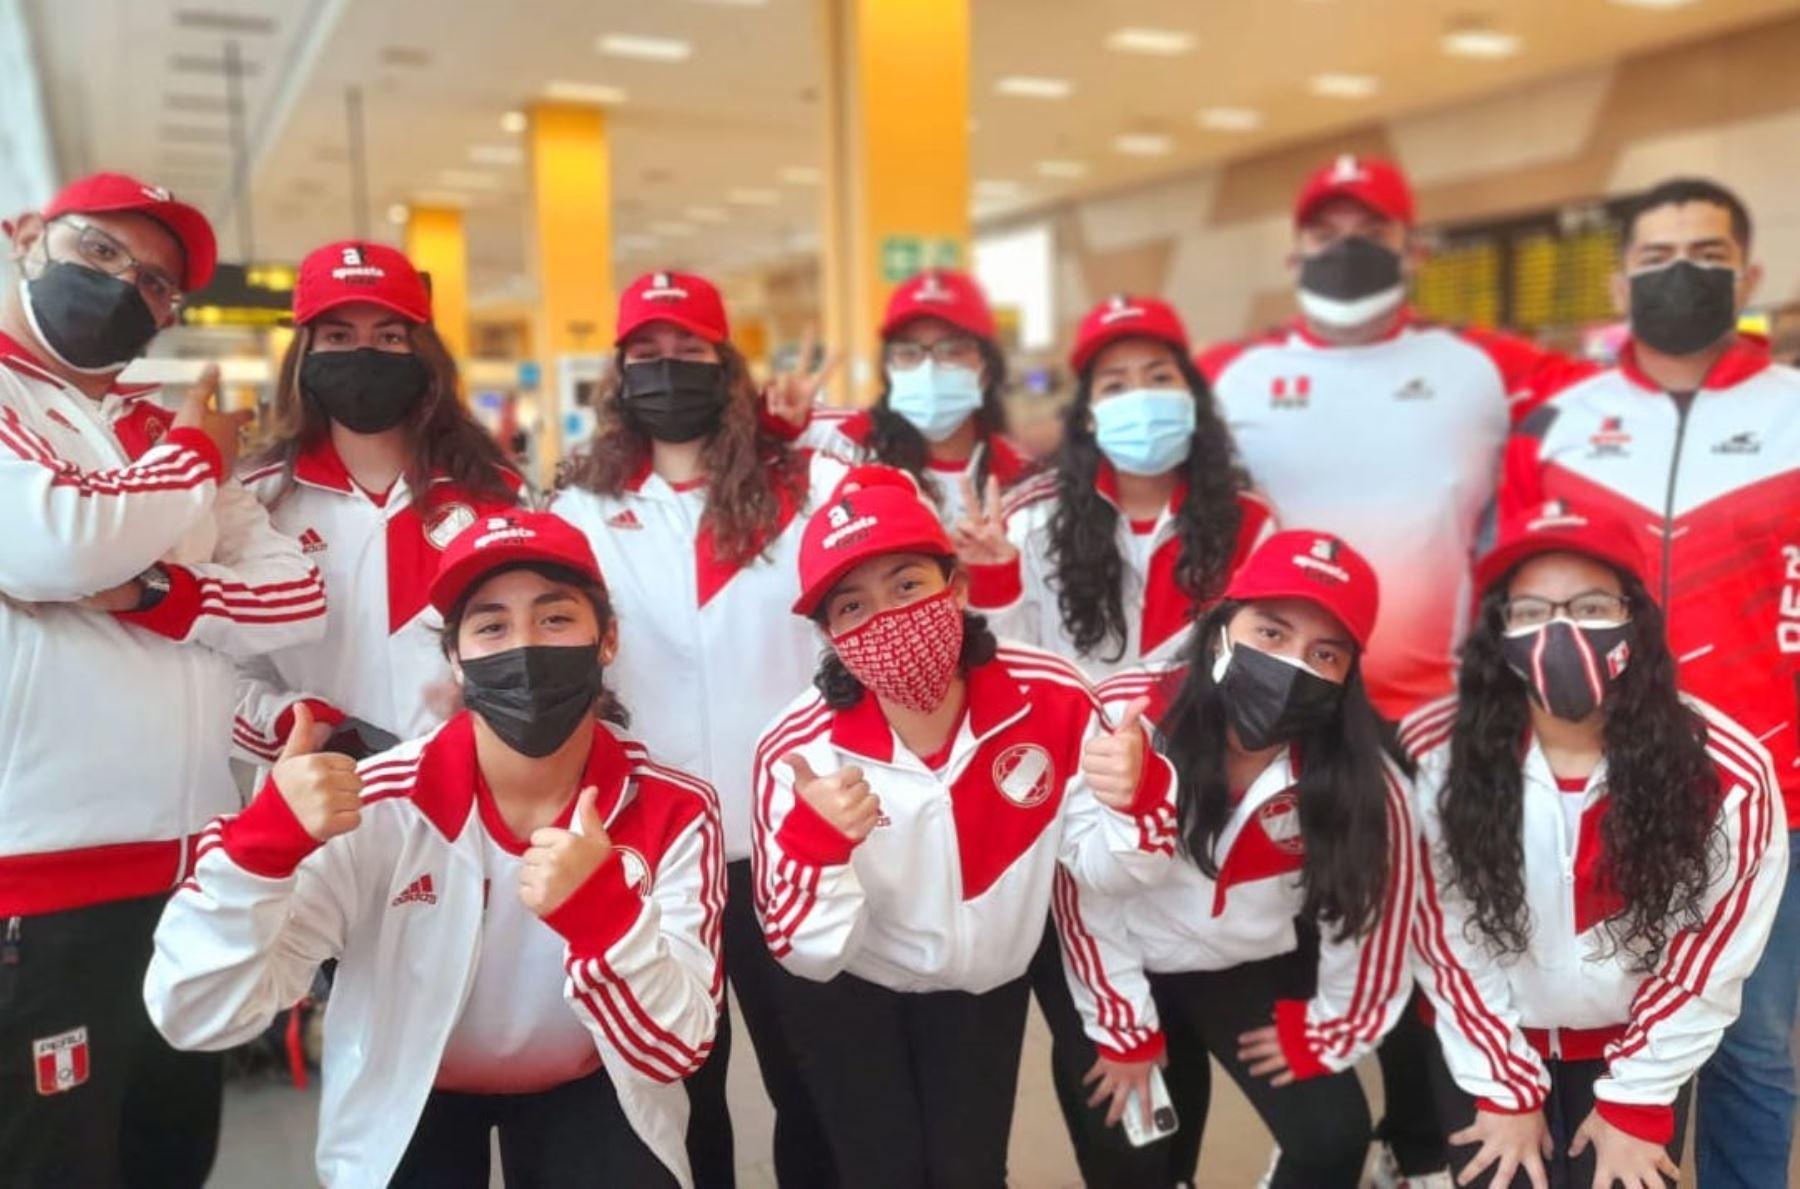 Selección peruana de waterpolo rumbo a Israel para disputar el Mundial FINA